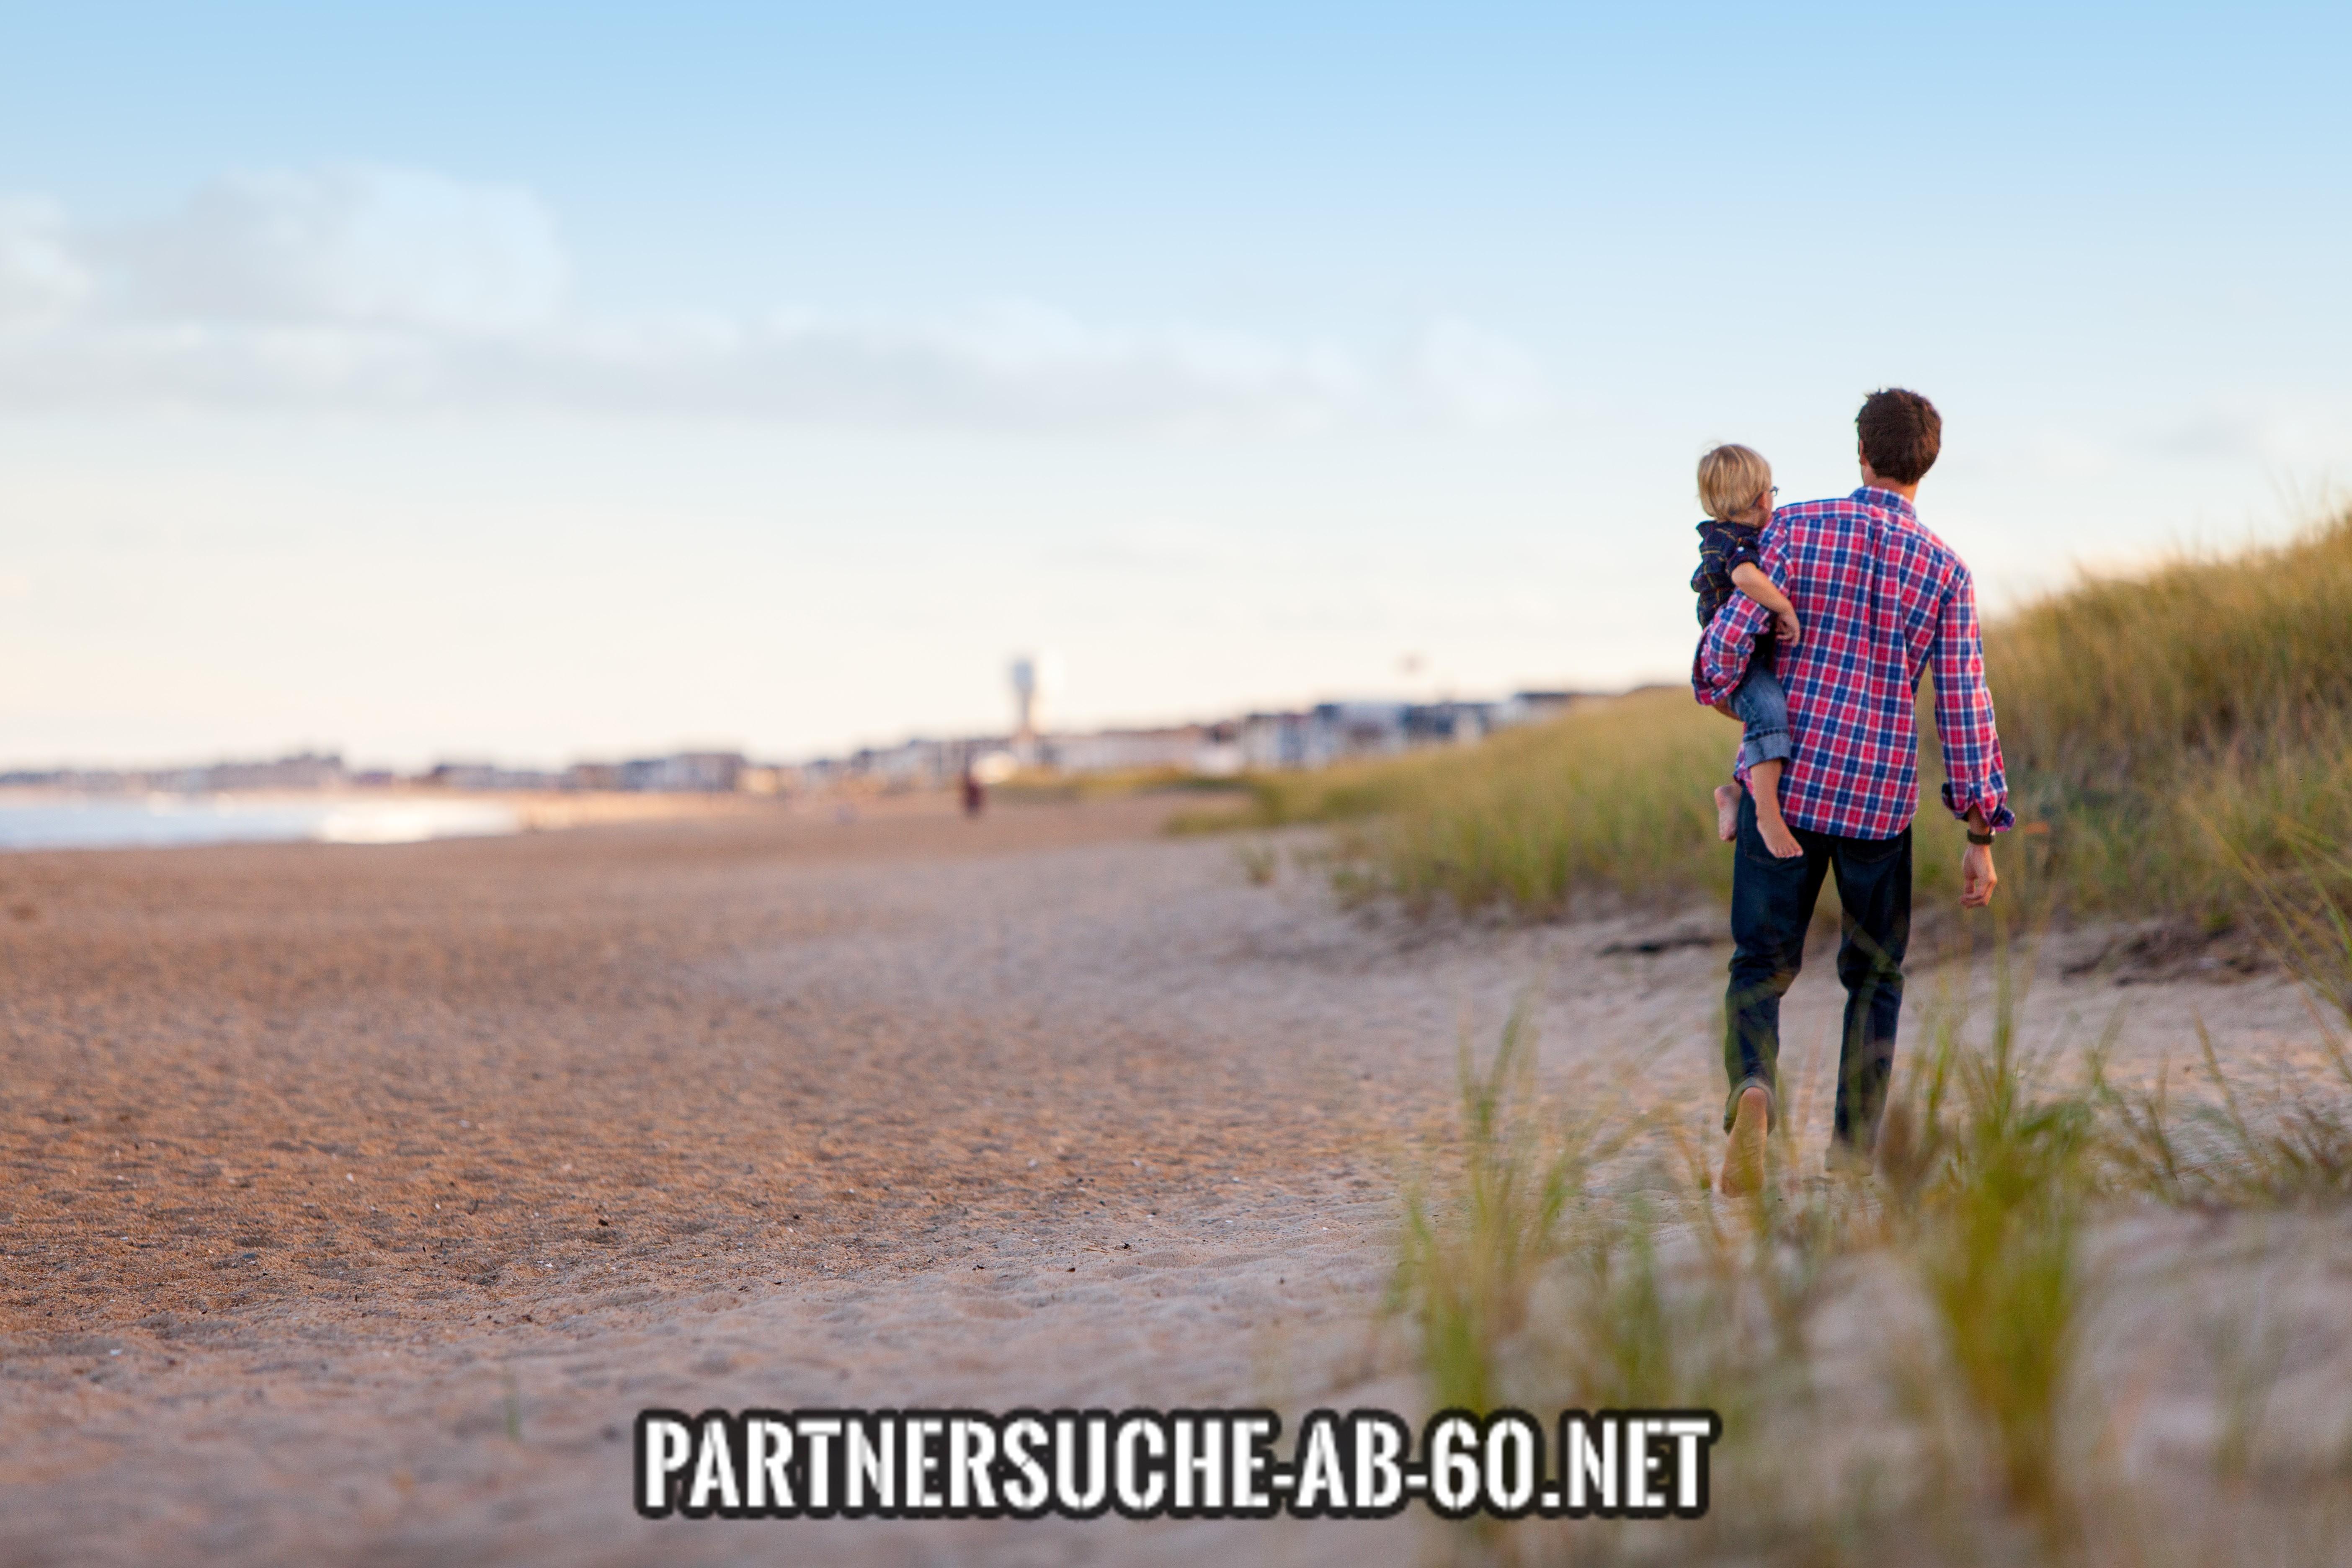 Partnersuche Mann und Kind